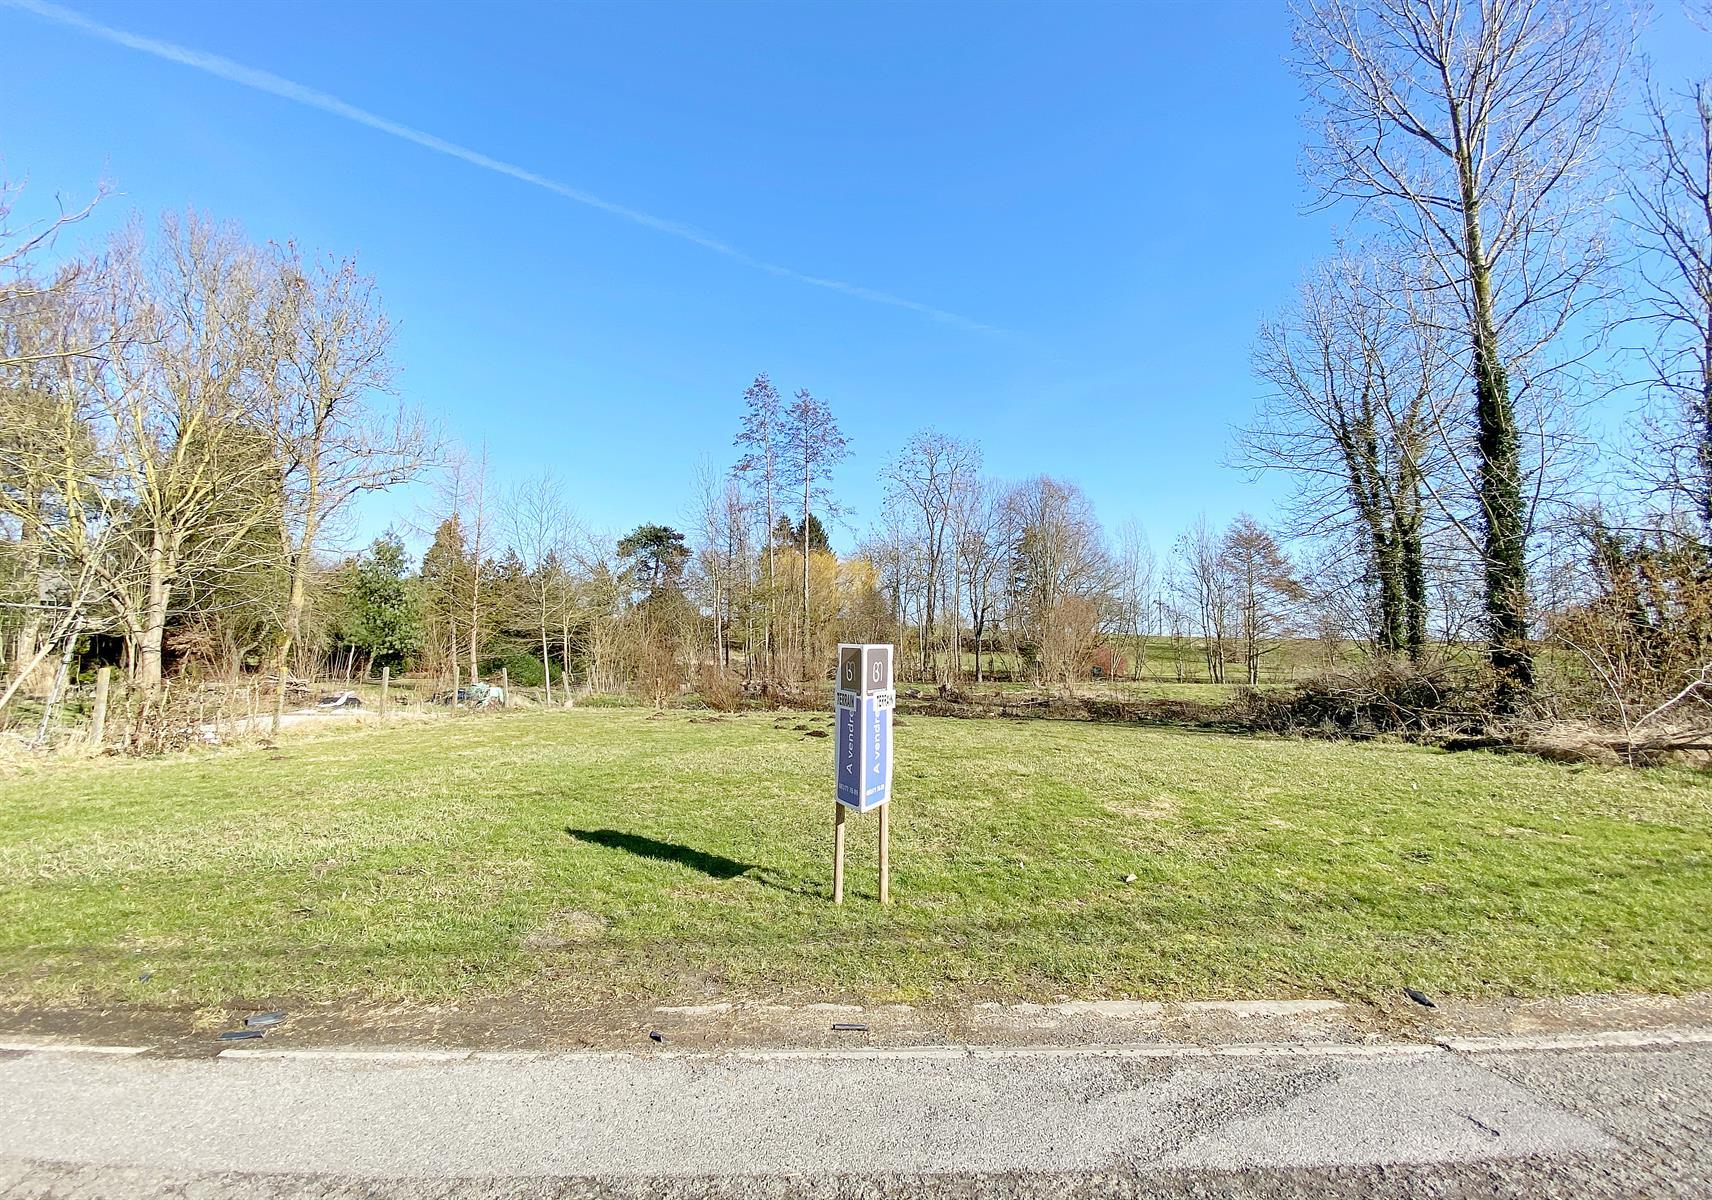 Terrain à bâtir (projets) - Noville-les-Bois - #4290891-5